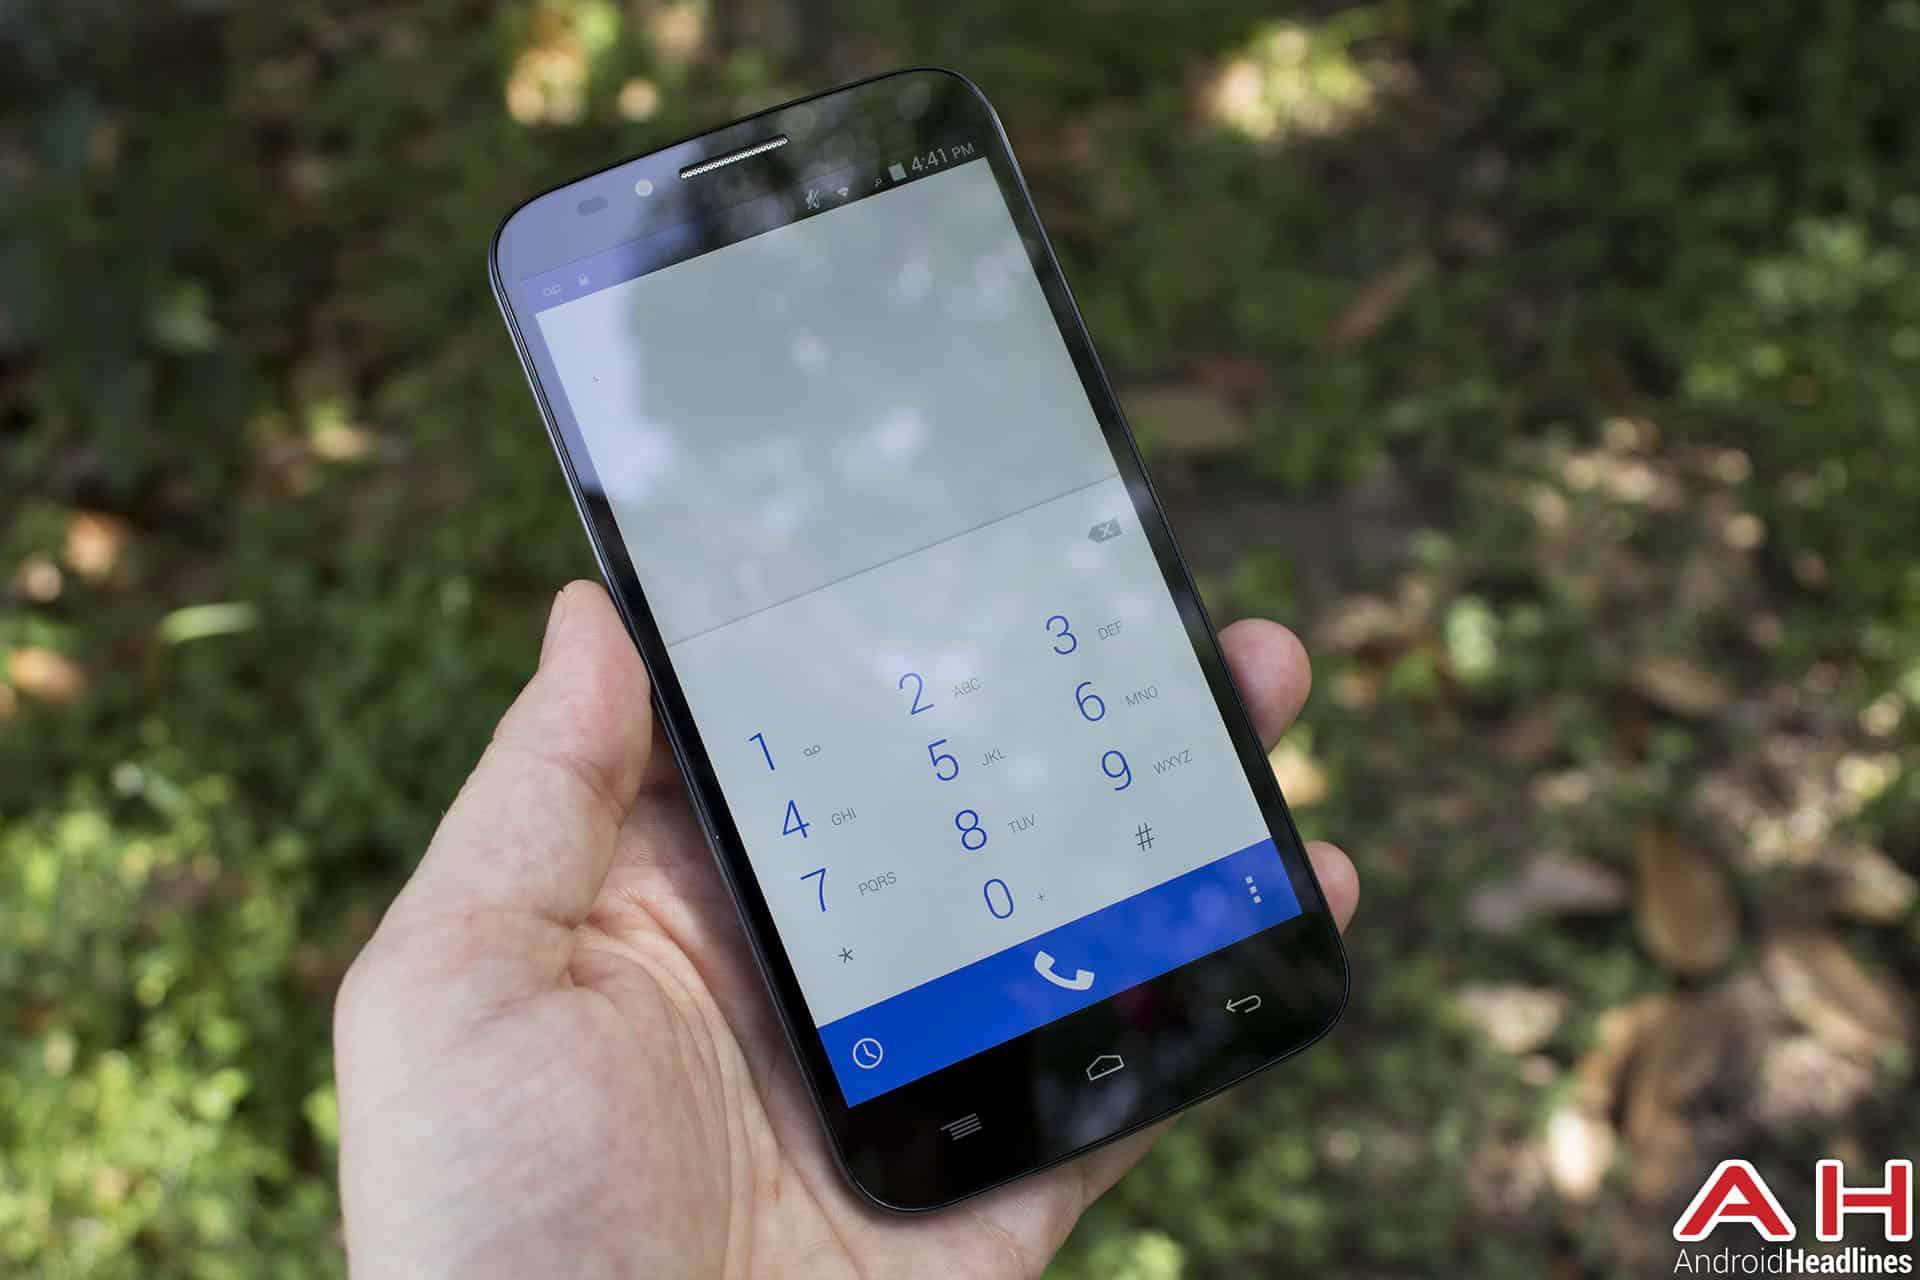 Umi-emax-review-AH-phone